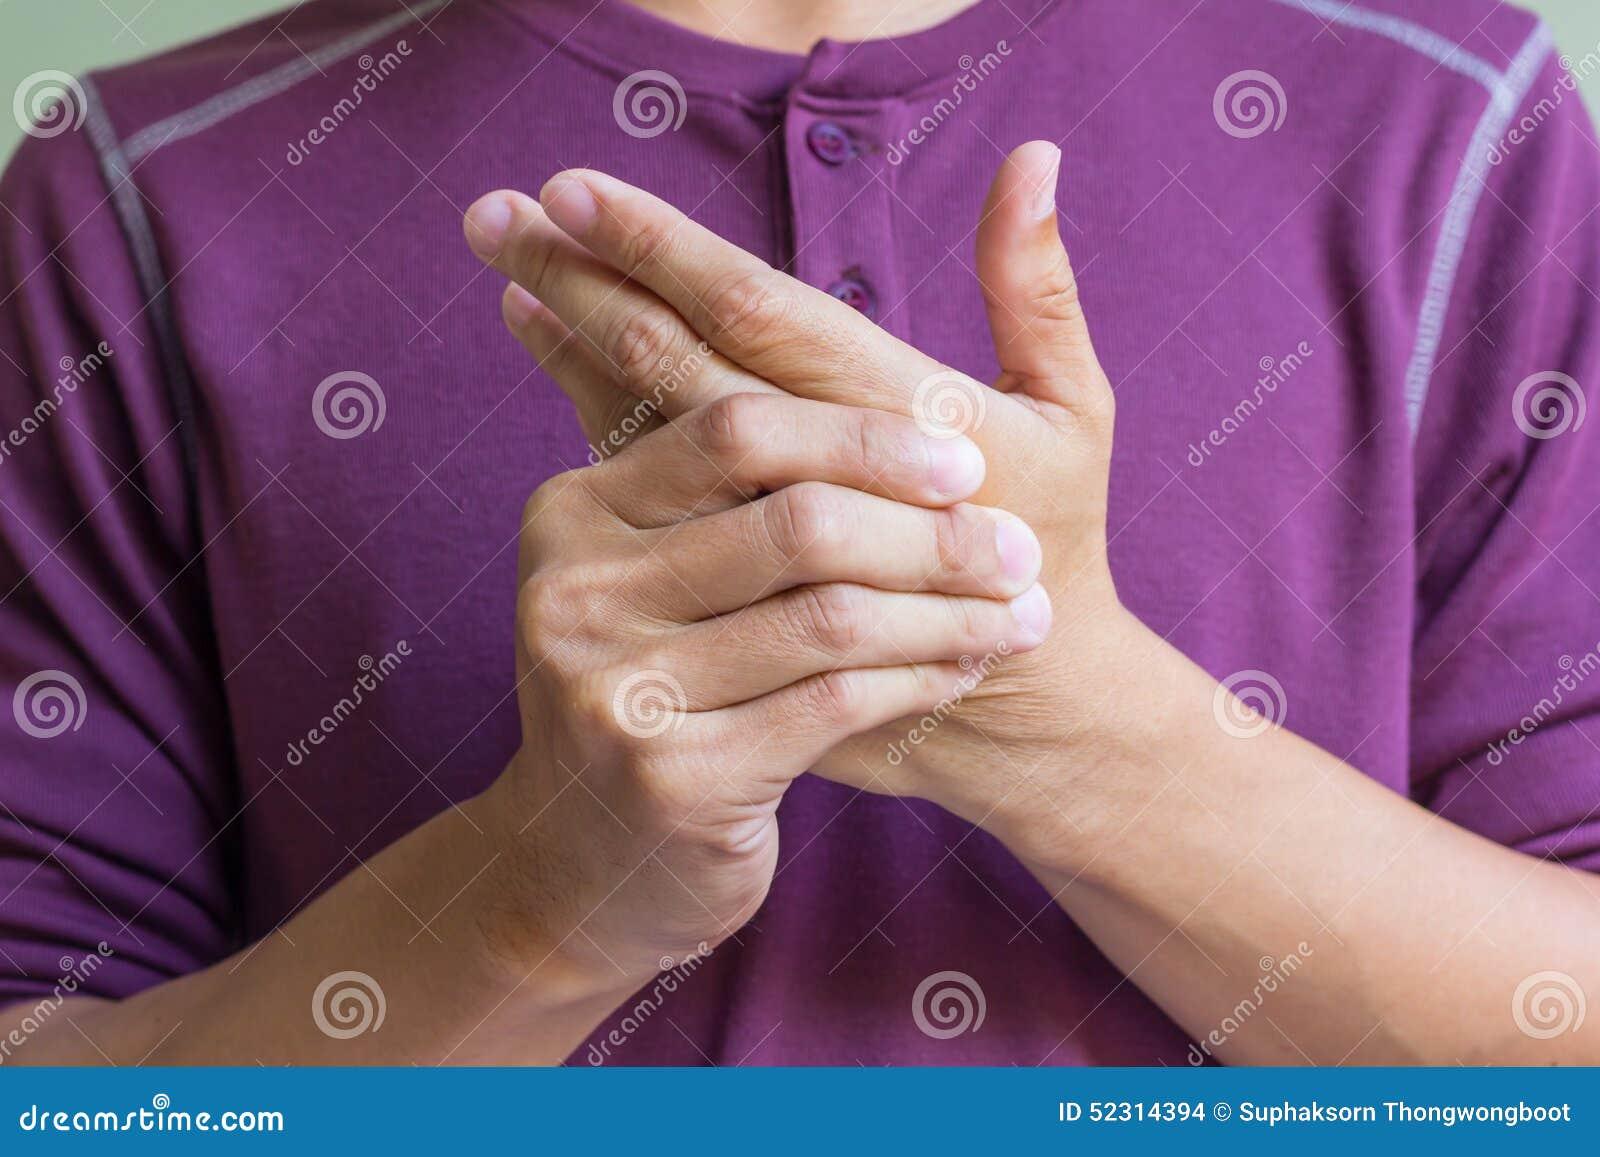 Uomo con dolore della mano